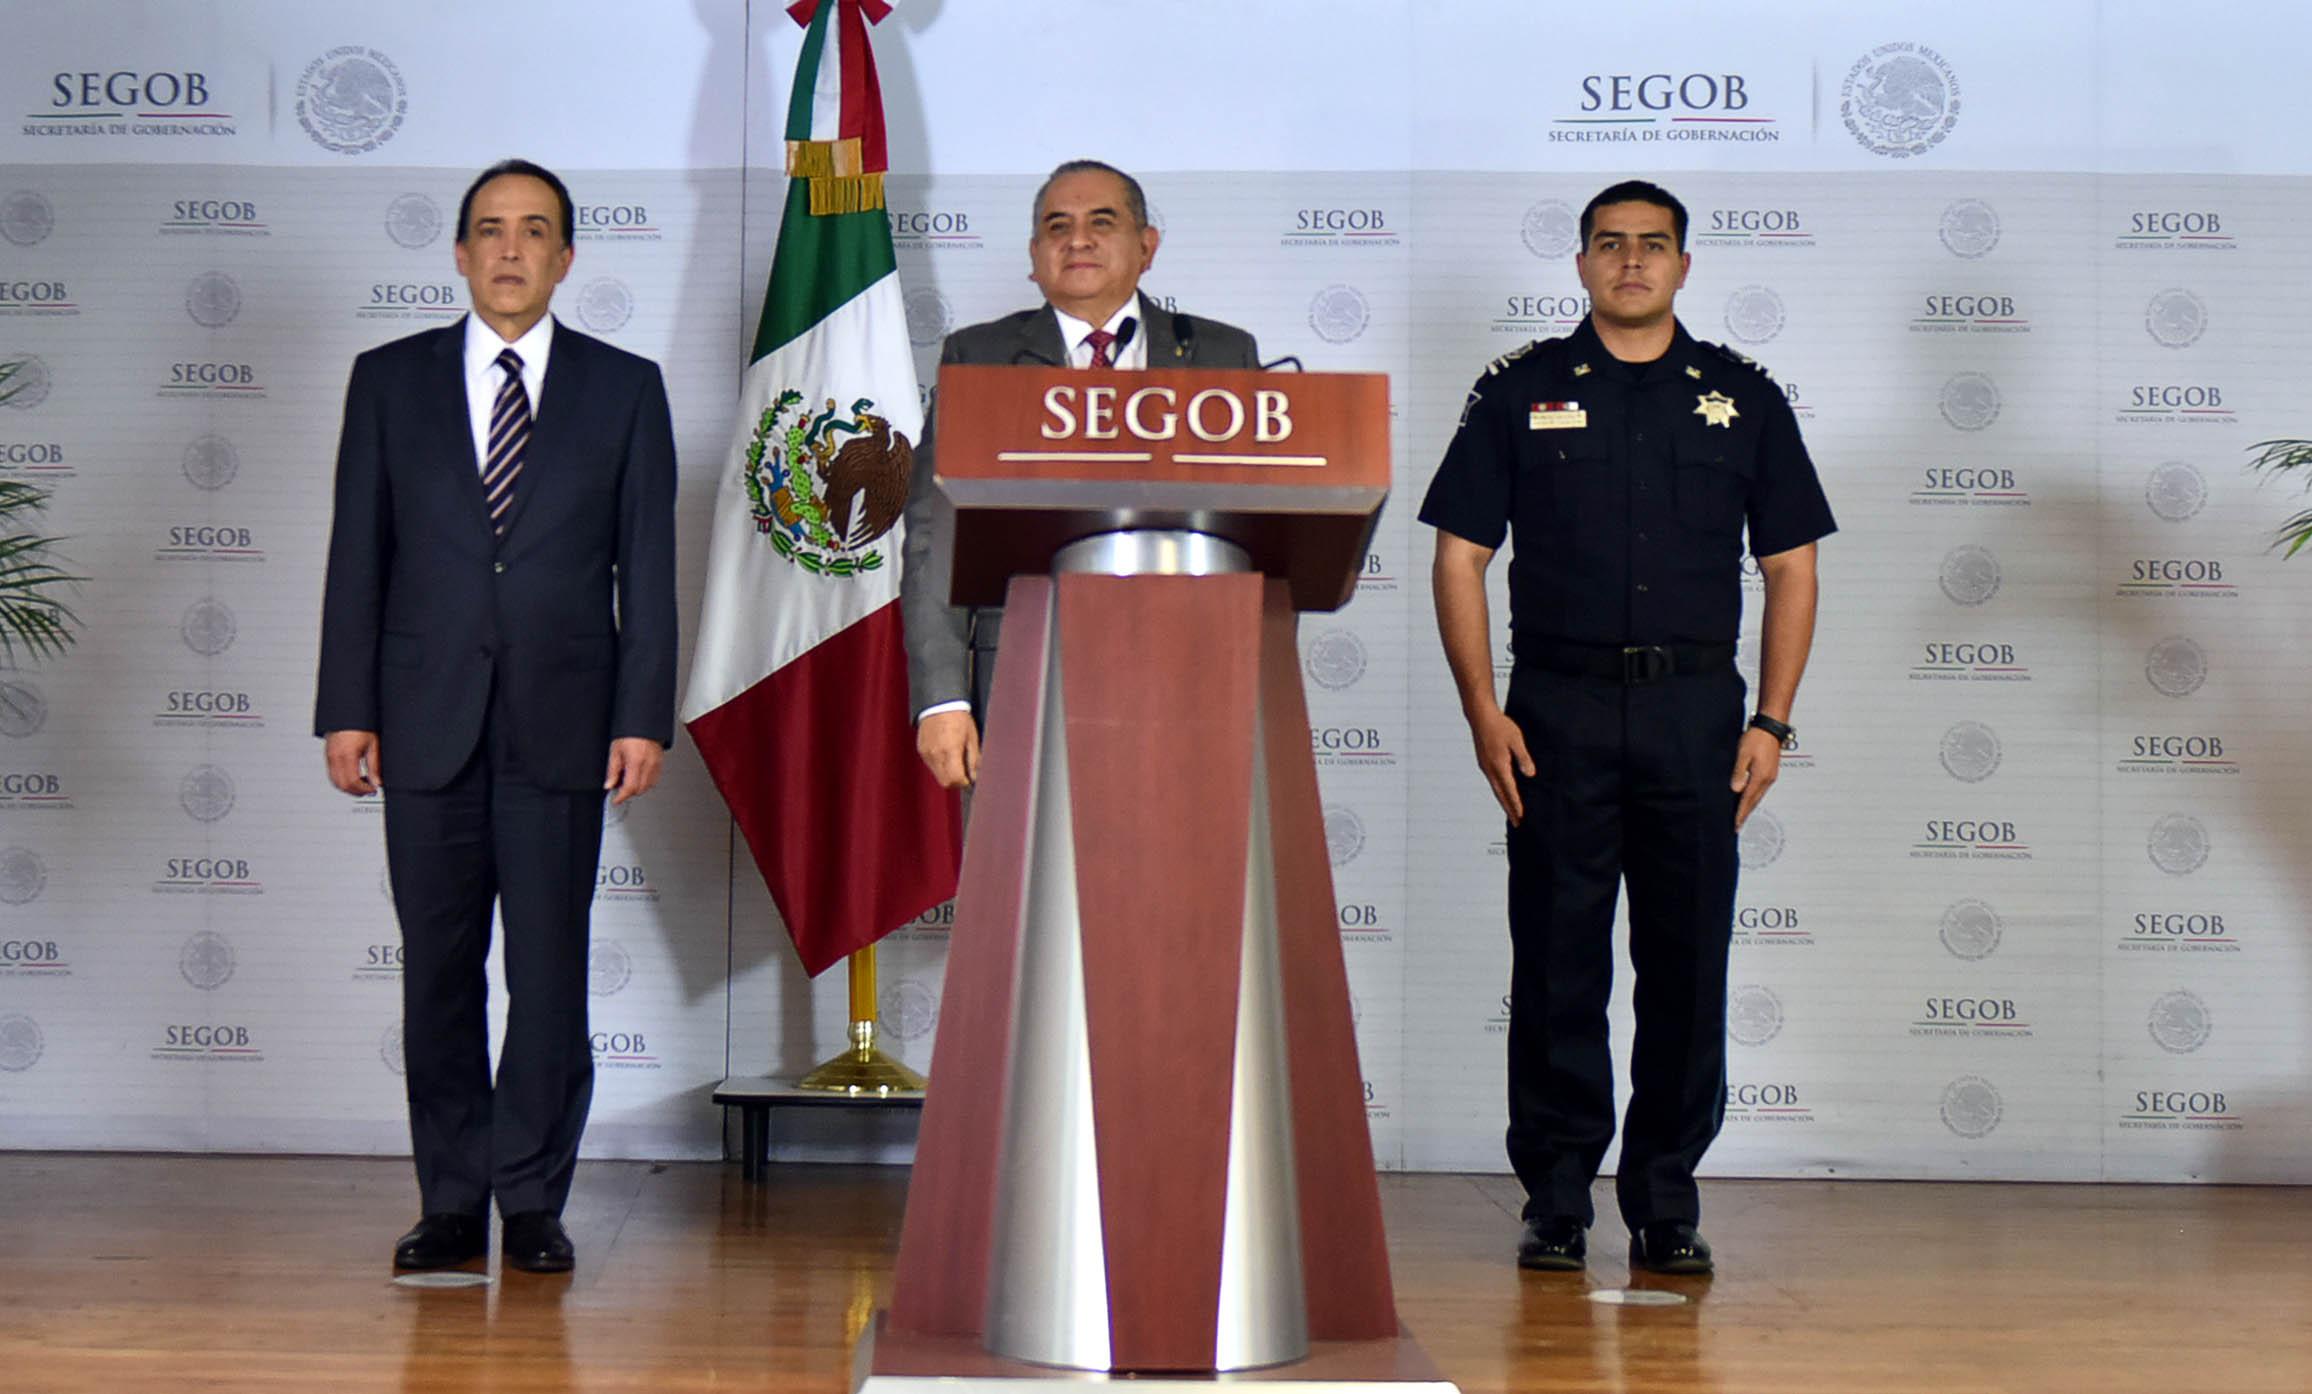 El Comisionado del Instituto Nacional de Migración, Ardelio Vargas, ofrece mensaje en las instalaciones de la Secretaría de Gobernación